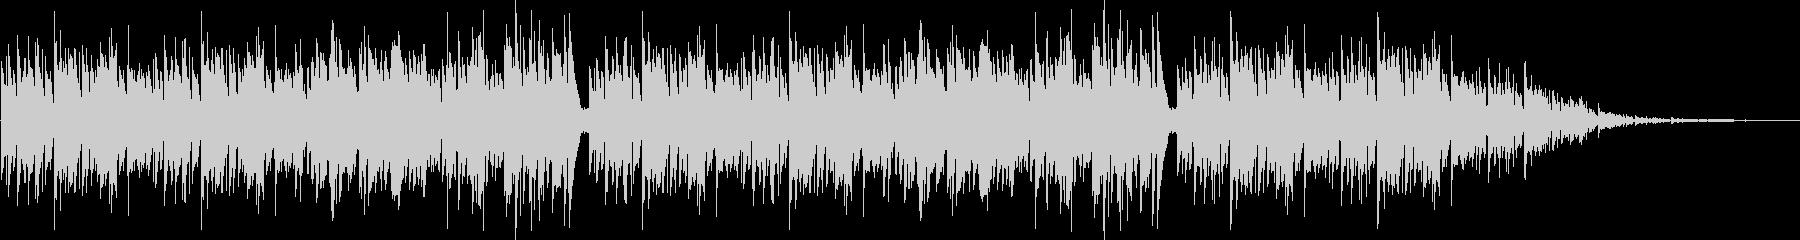 アコギでのボサノヴァ系BGMの未再生の波形